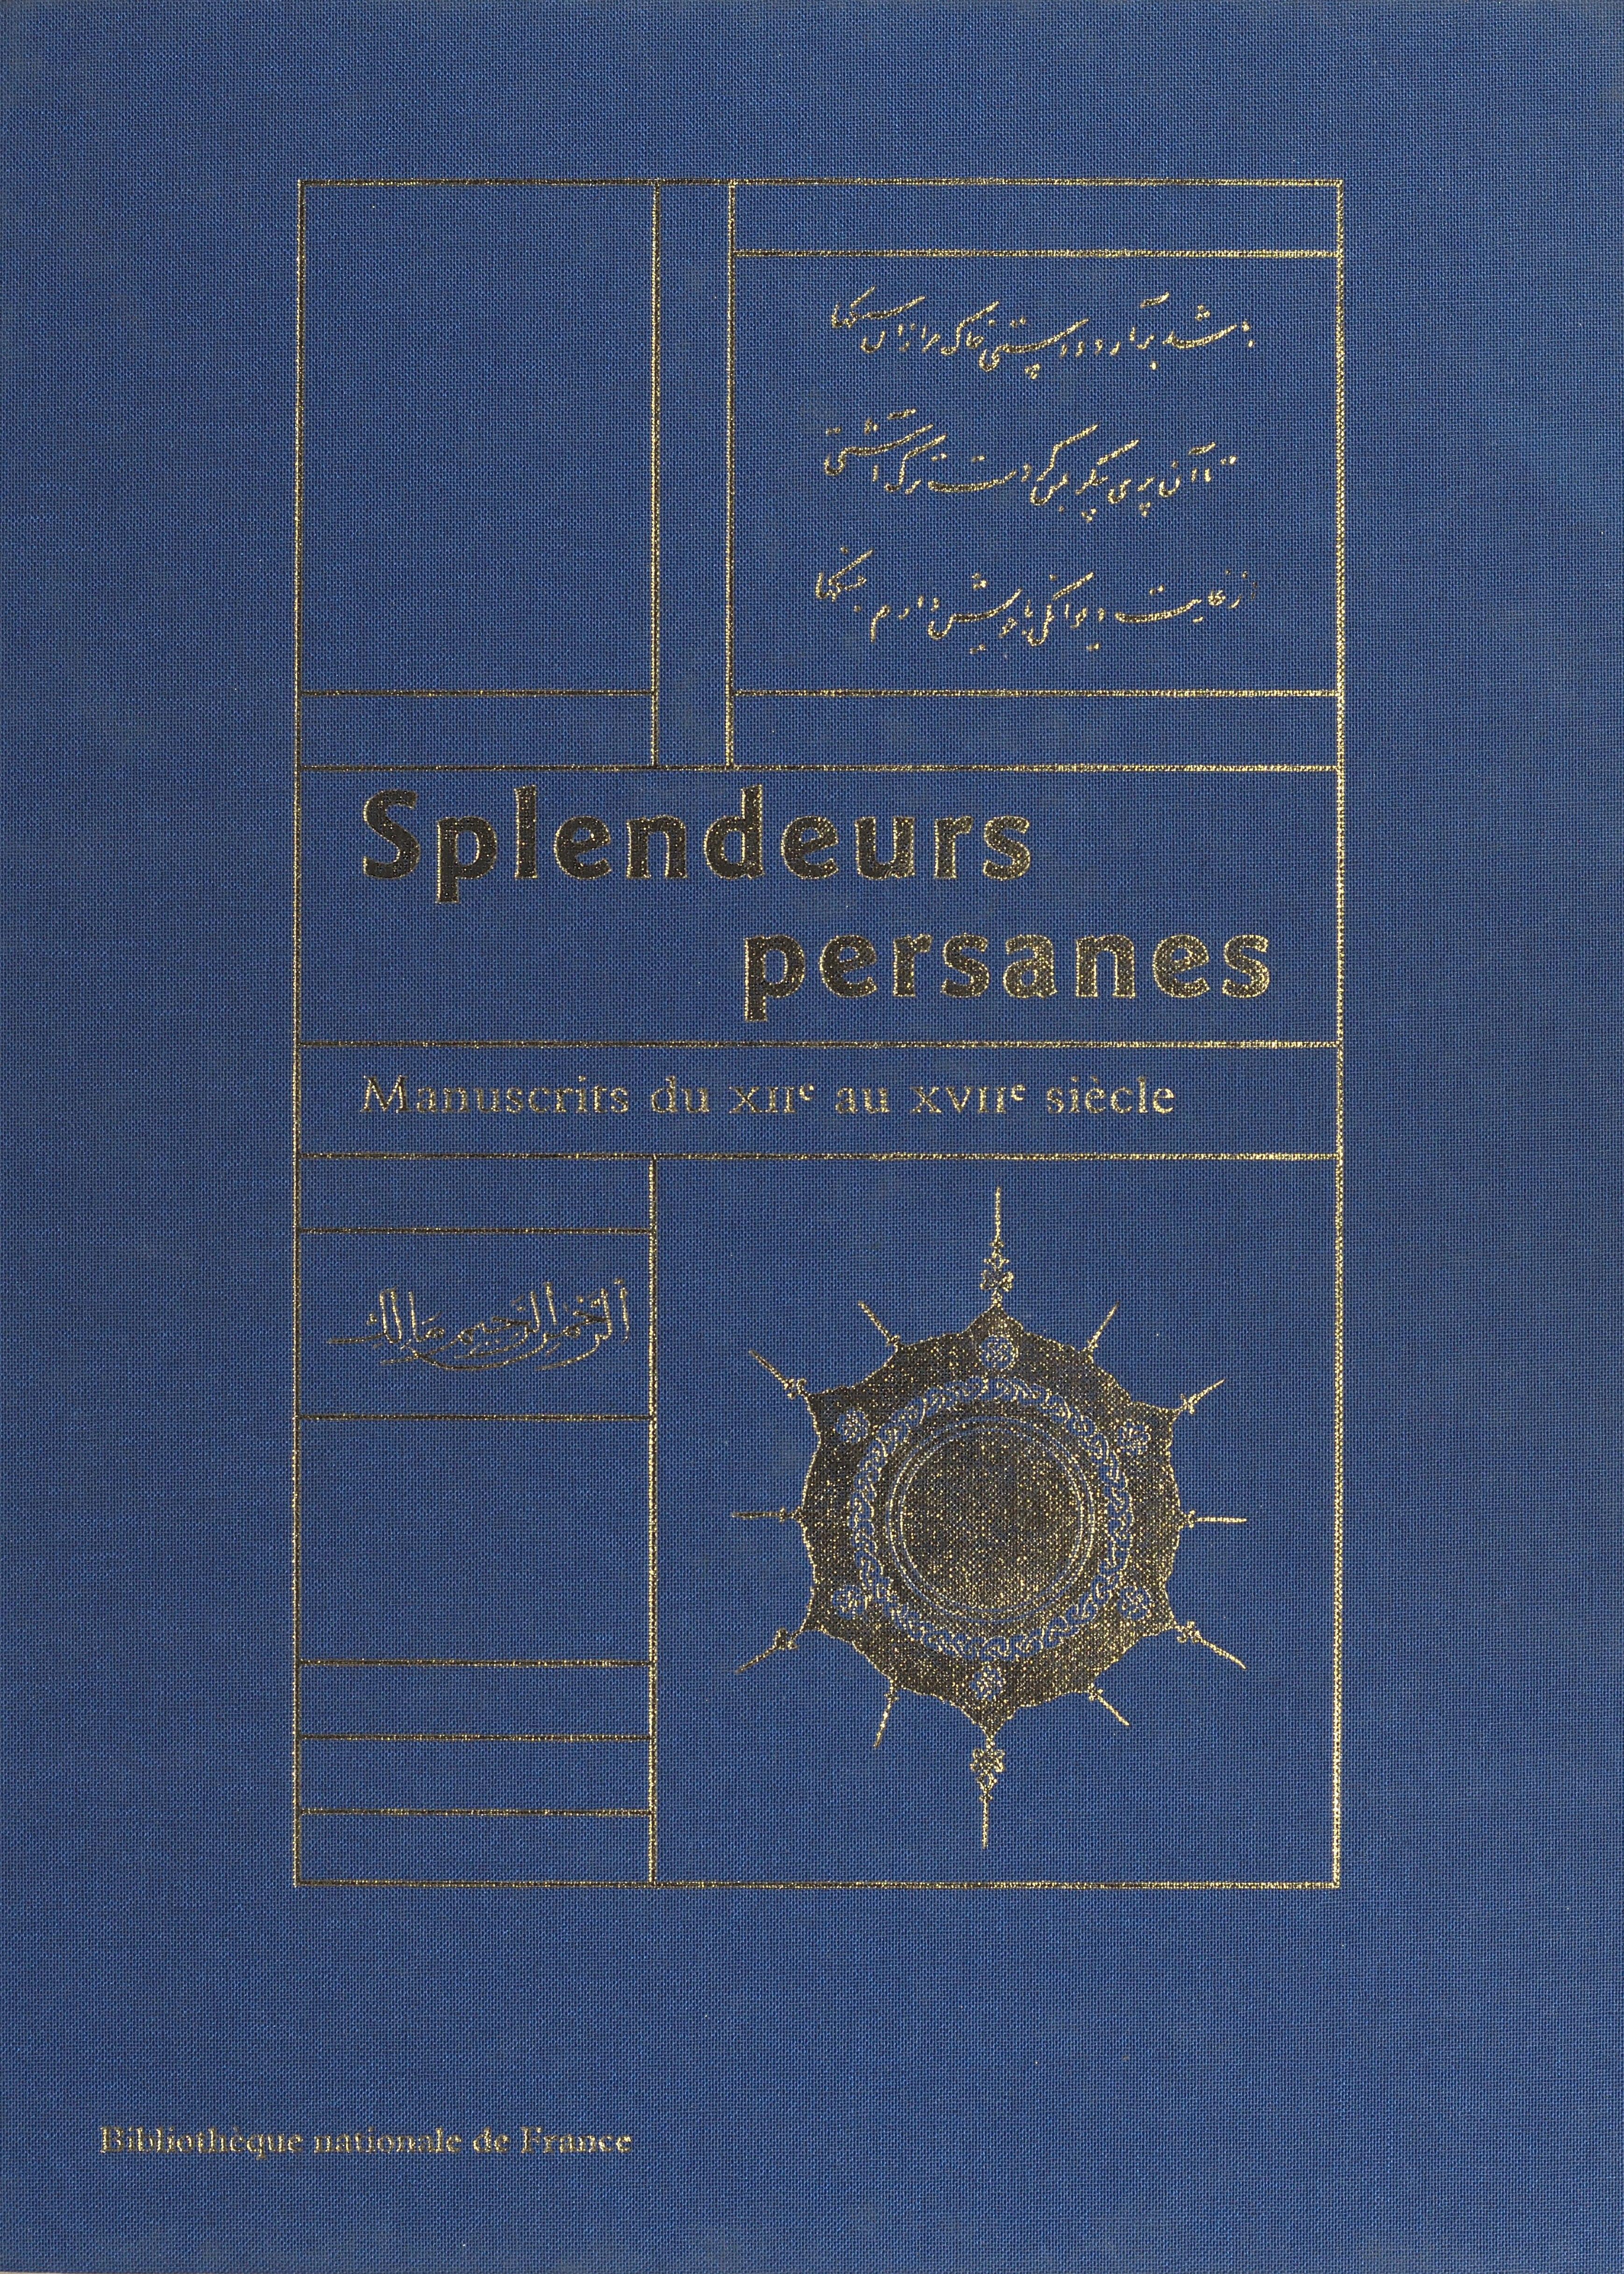 Splendeurs persanes : Manuscrits du XIIe au XVIIe siècle